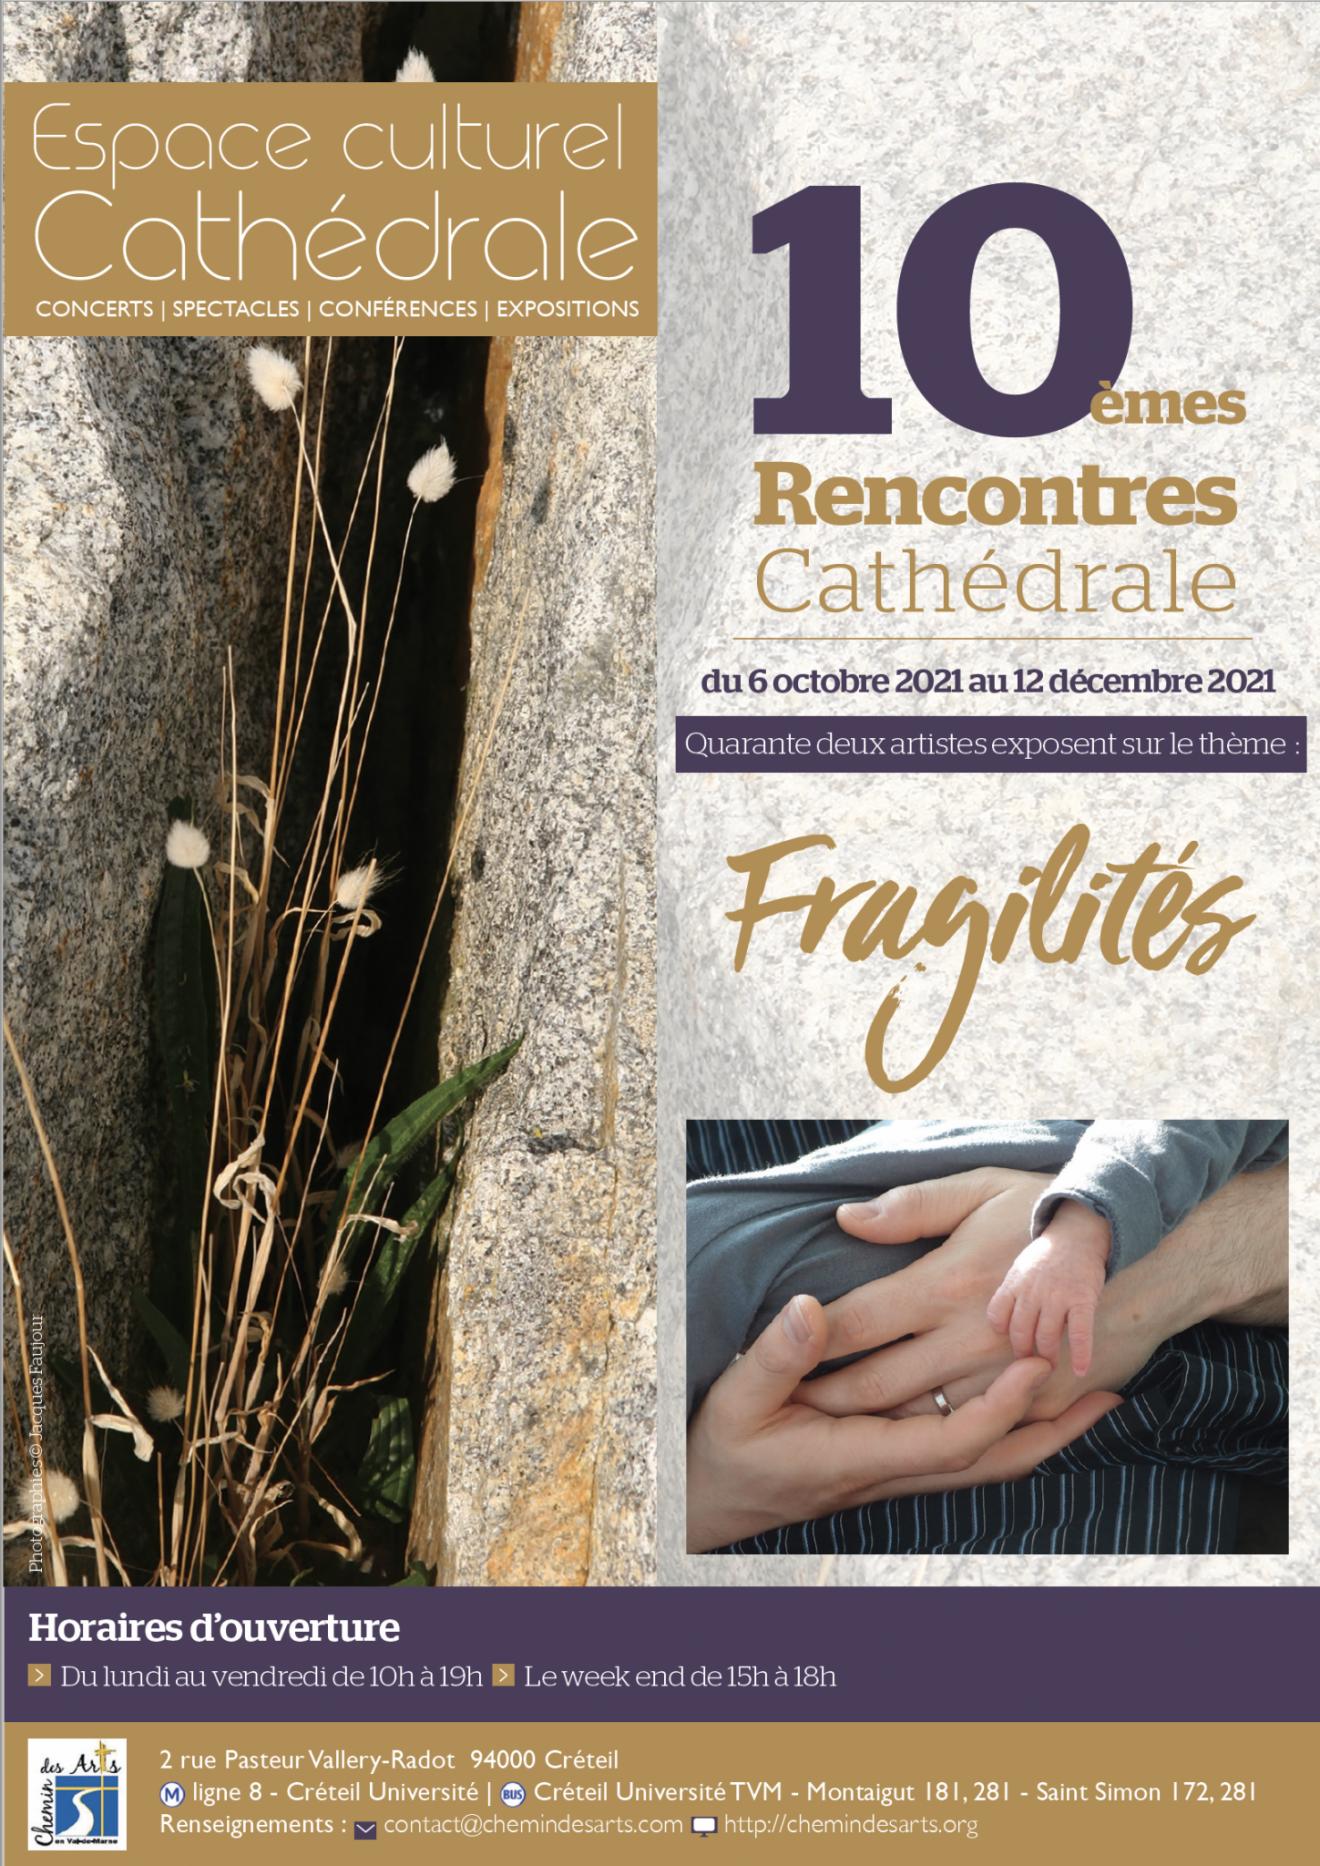 10ème Rencontres Cathédrales sur le thème de la Fragilité du 6 octobre au 12 décembre 2021